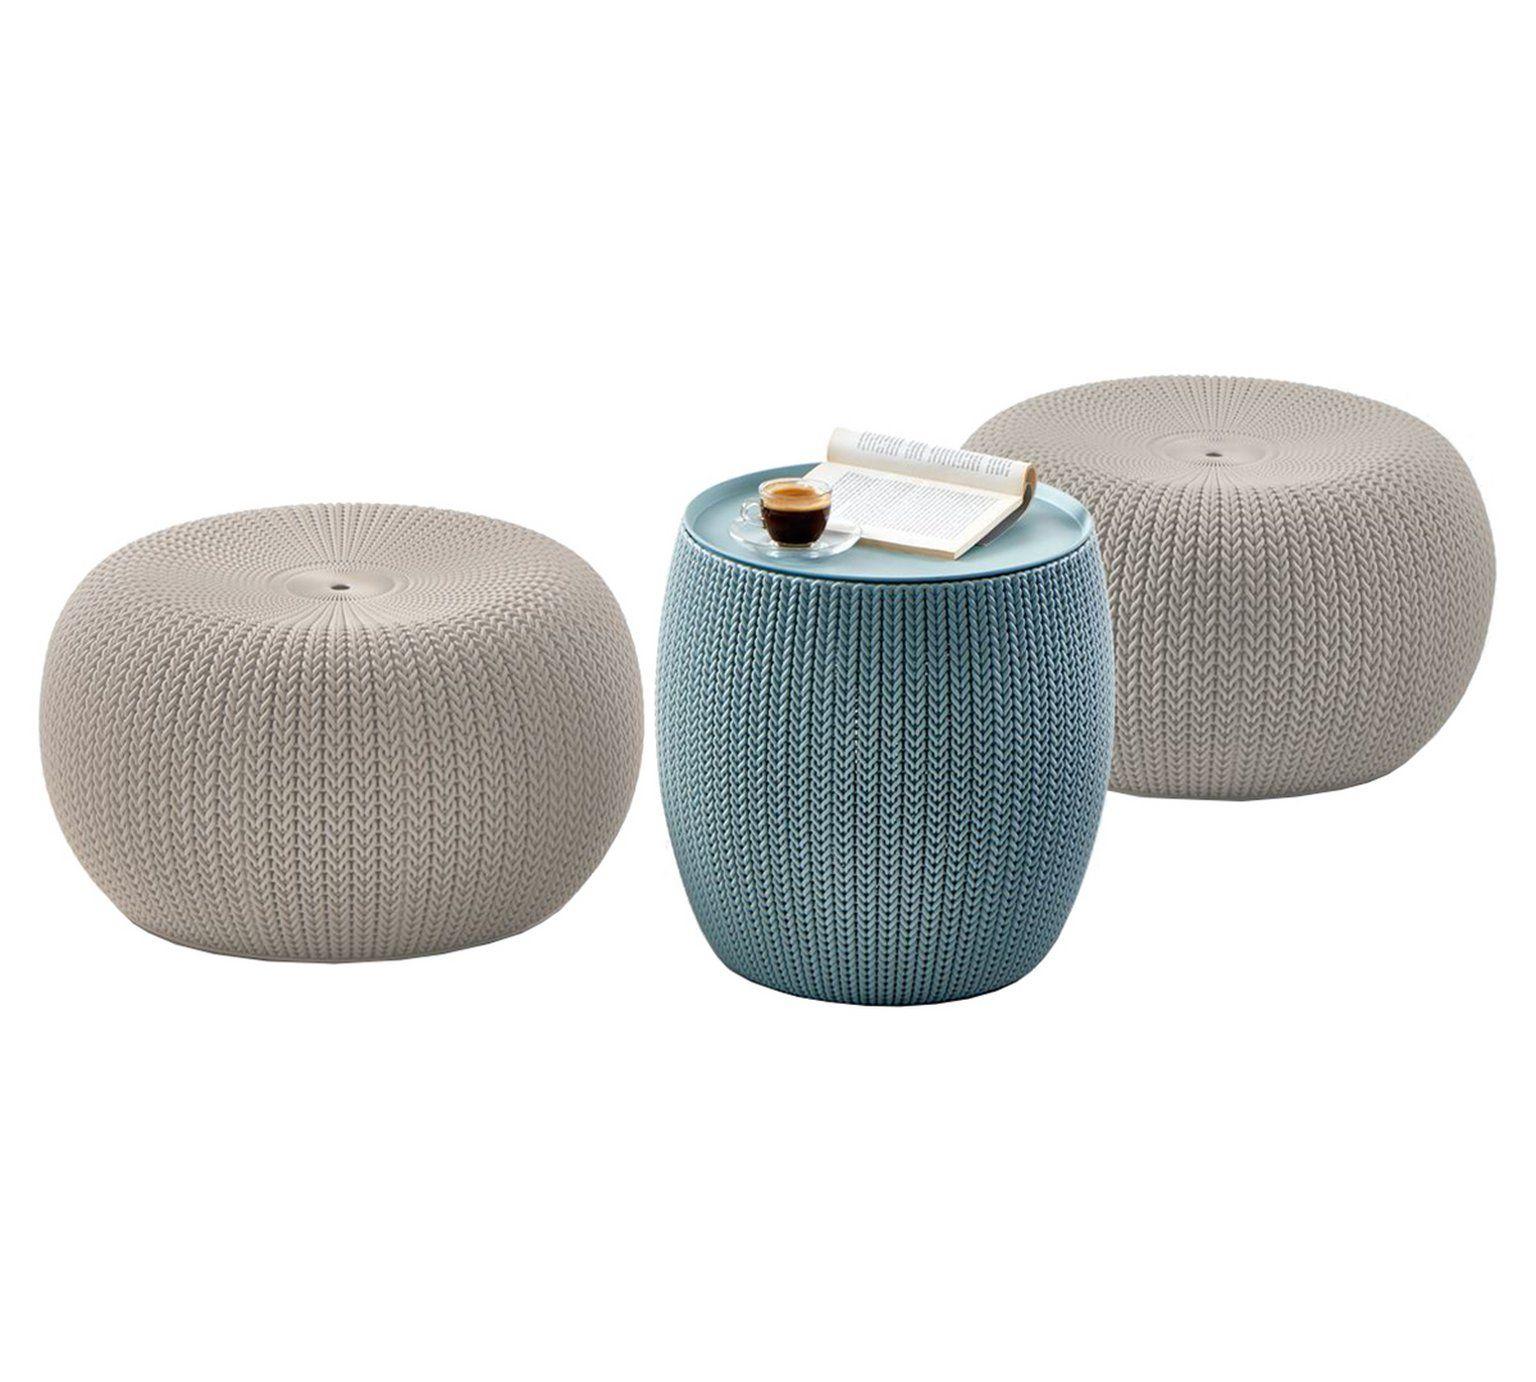 Buy Keter Knit Pod Set at Argos.co.uk Your Online Shop